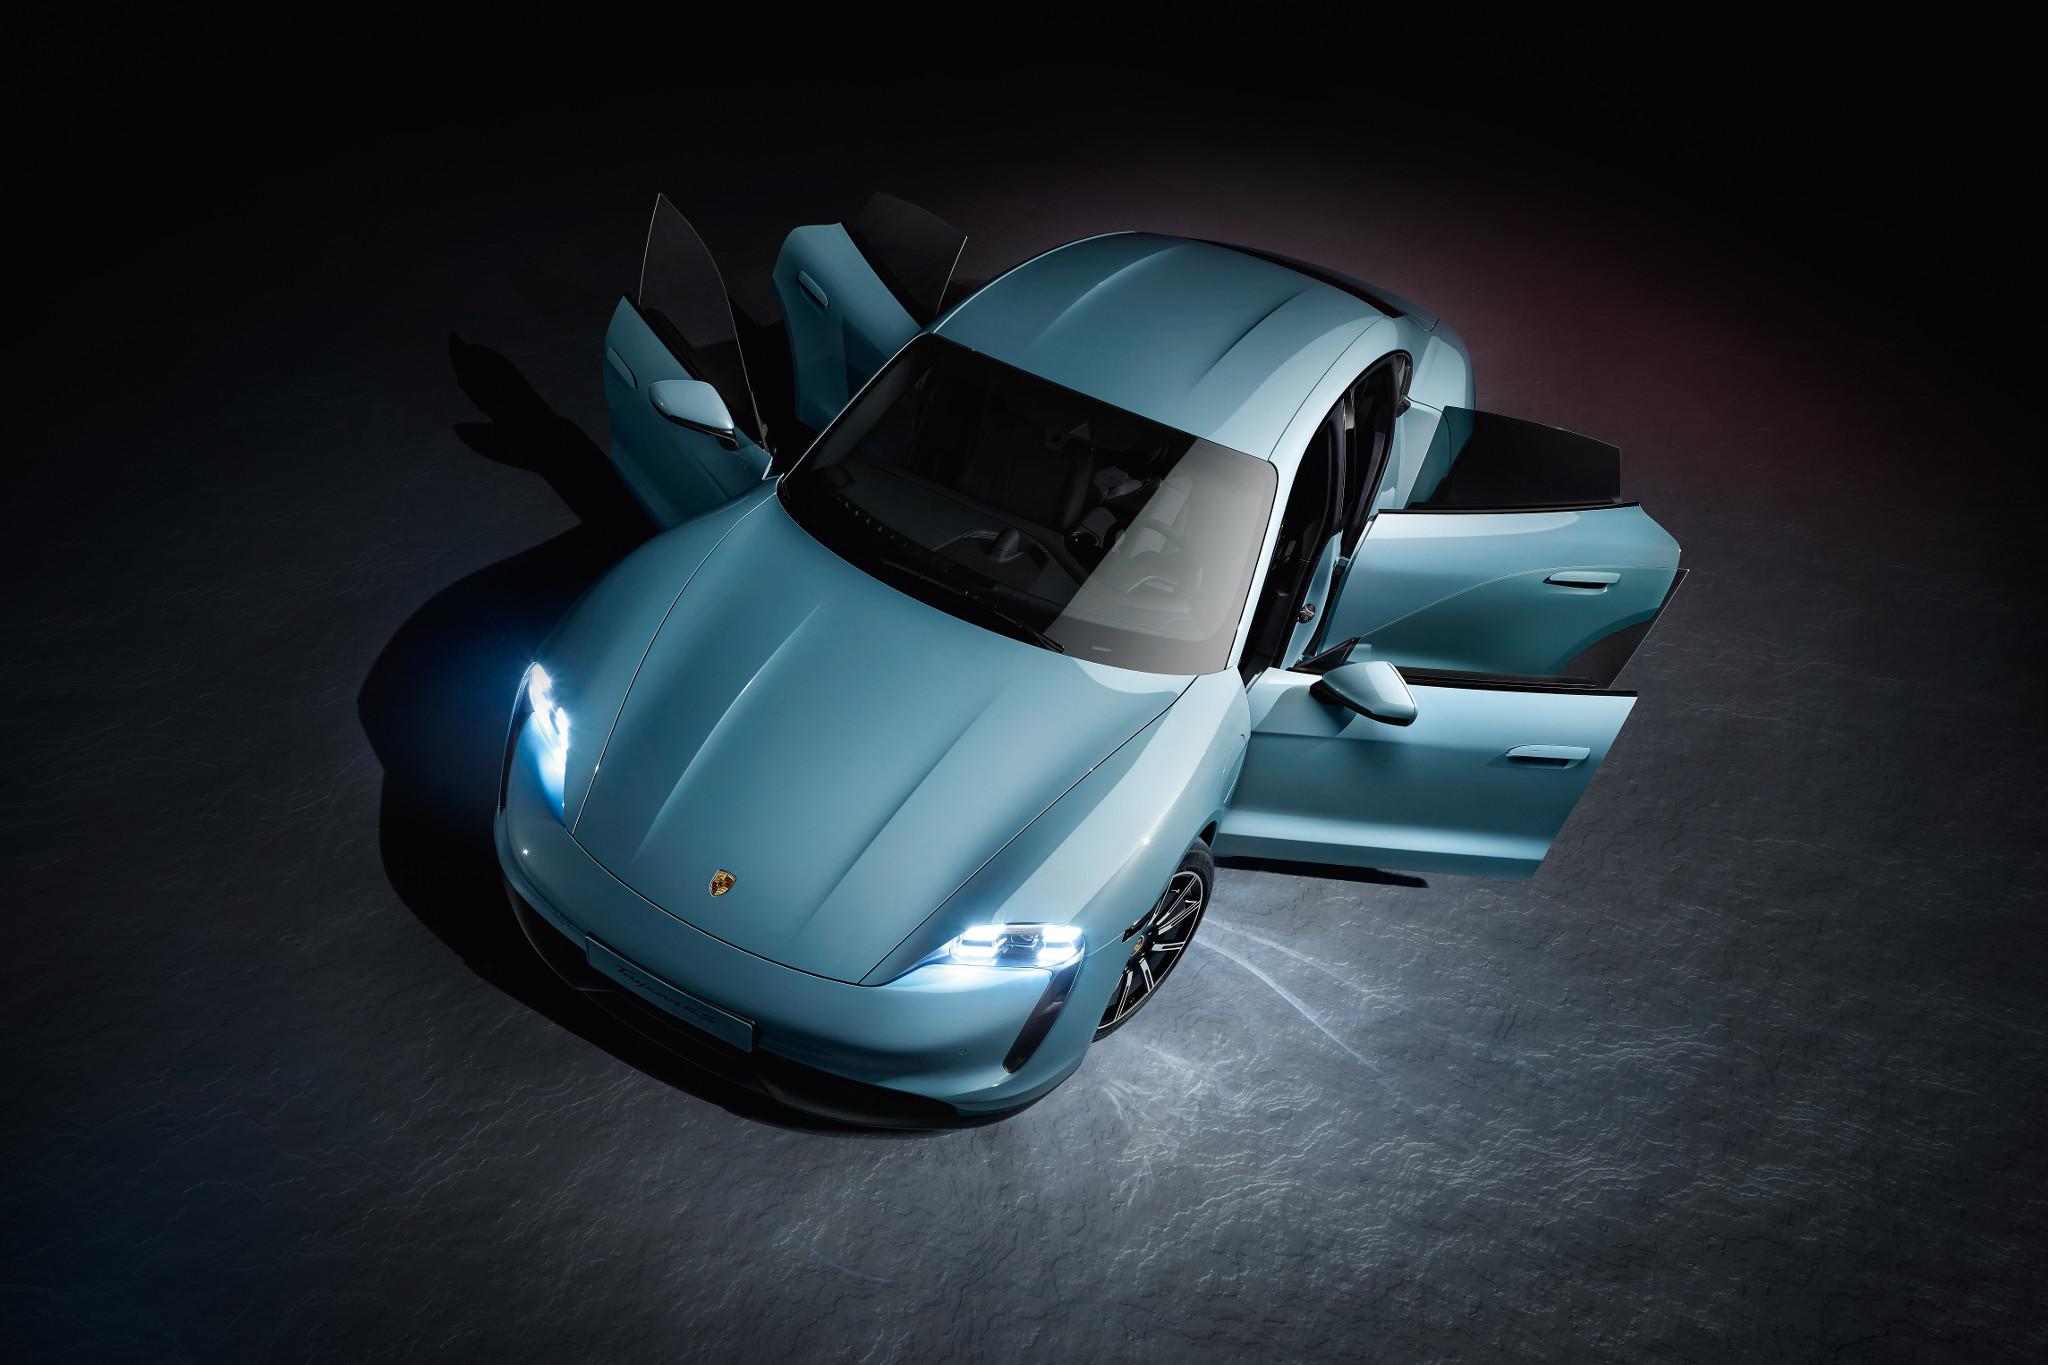 porsche-taycan-4s-2020-09-angle--blue--doors--exterior--front--overhead.jpg